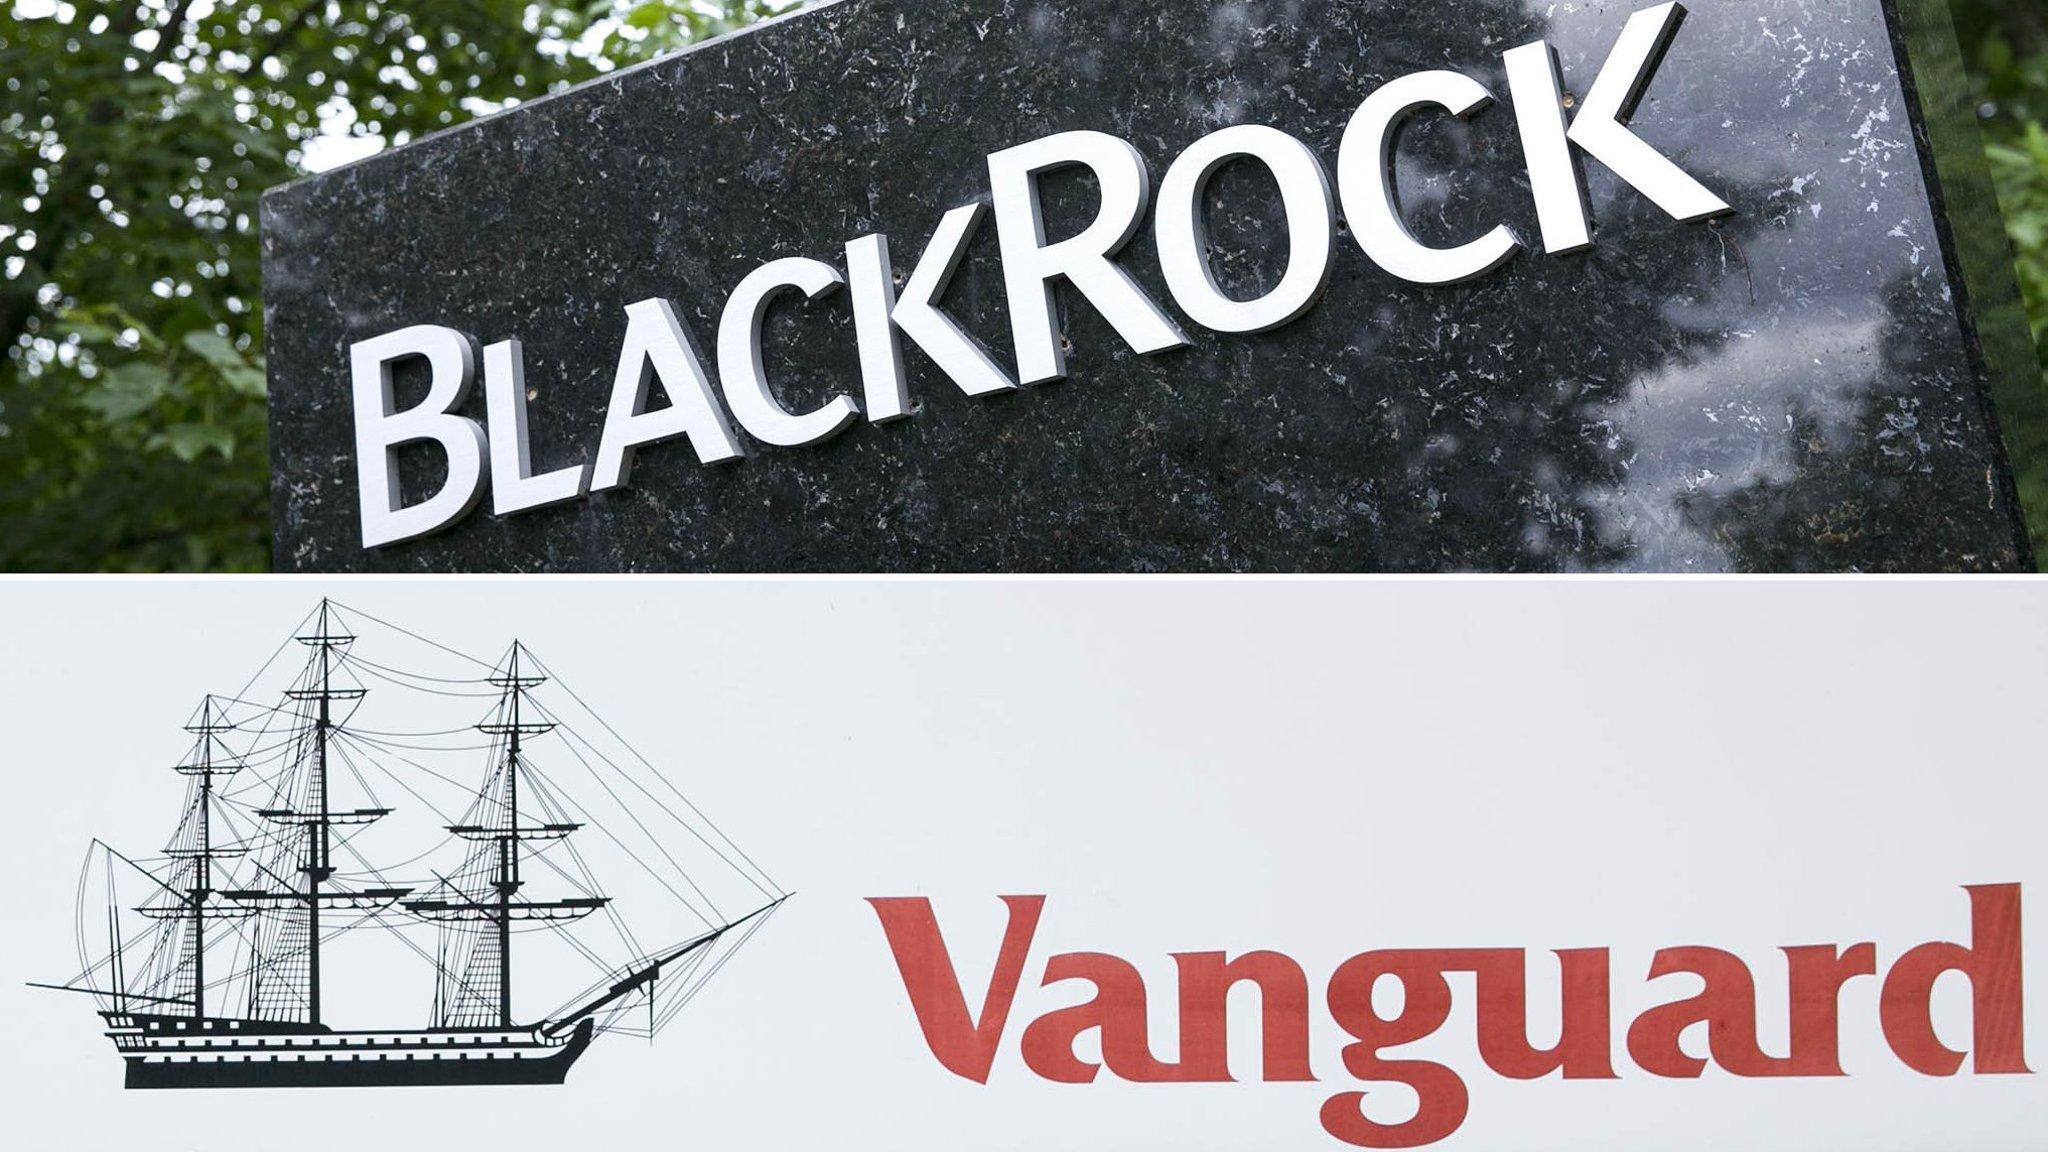 Vanguard nips at BlackRock's heels for fund crown | Financial Times